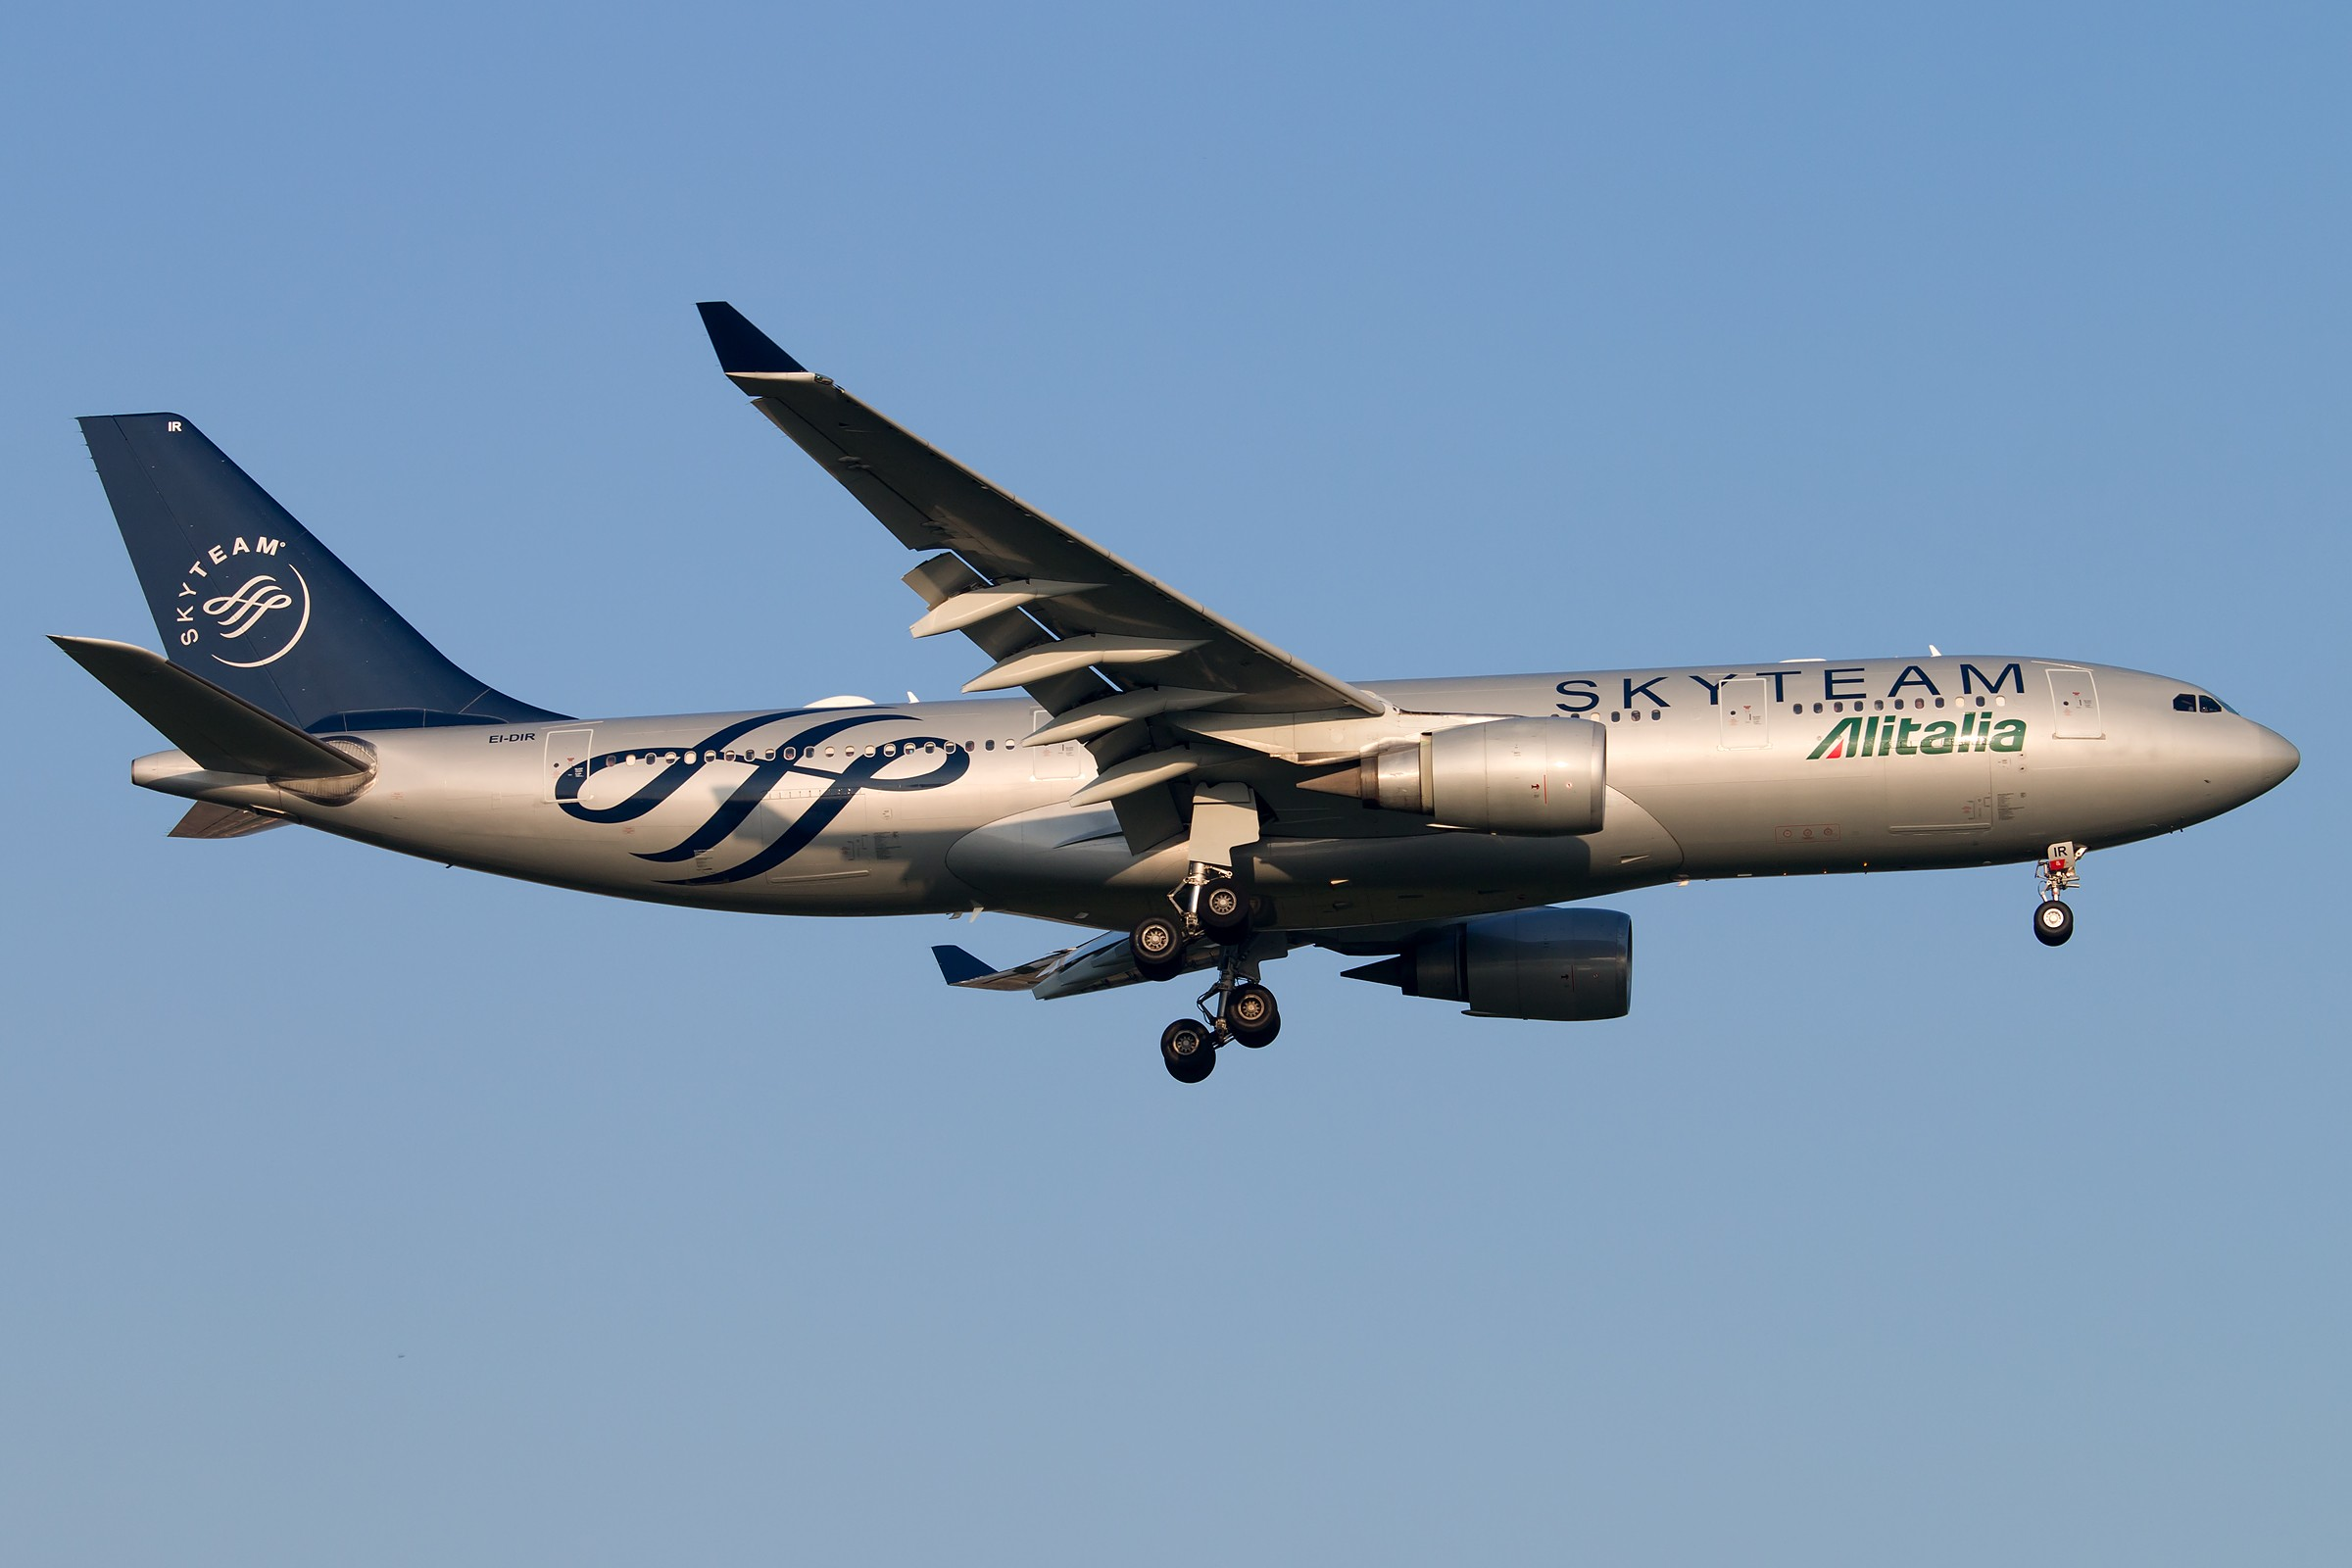 [ 图片exif] 图片类别: 飞机 机型: airbus a330-202 注册号: ei-dir